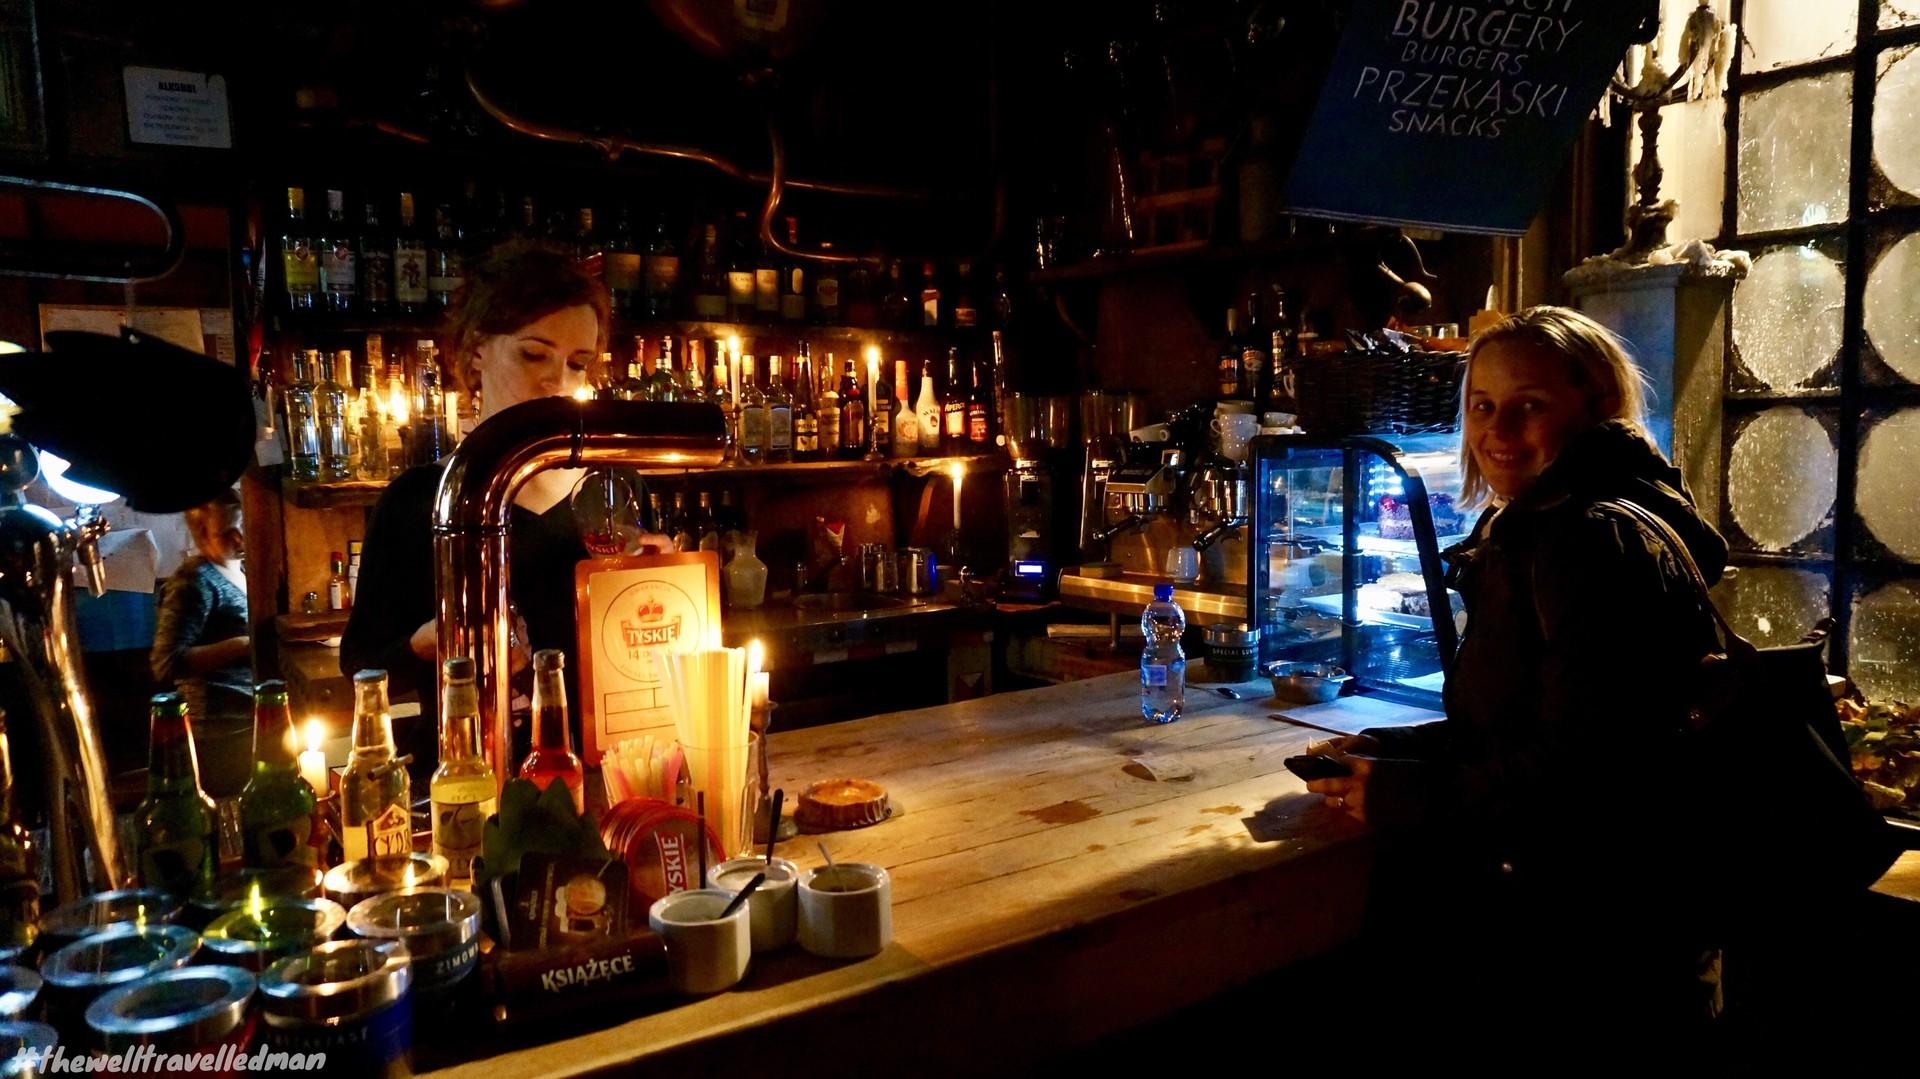 Świetny pub, świetne miejsce